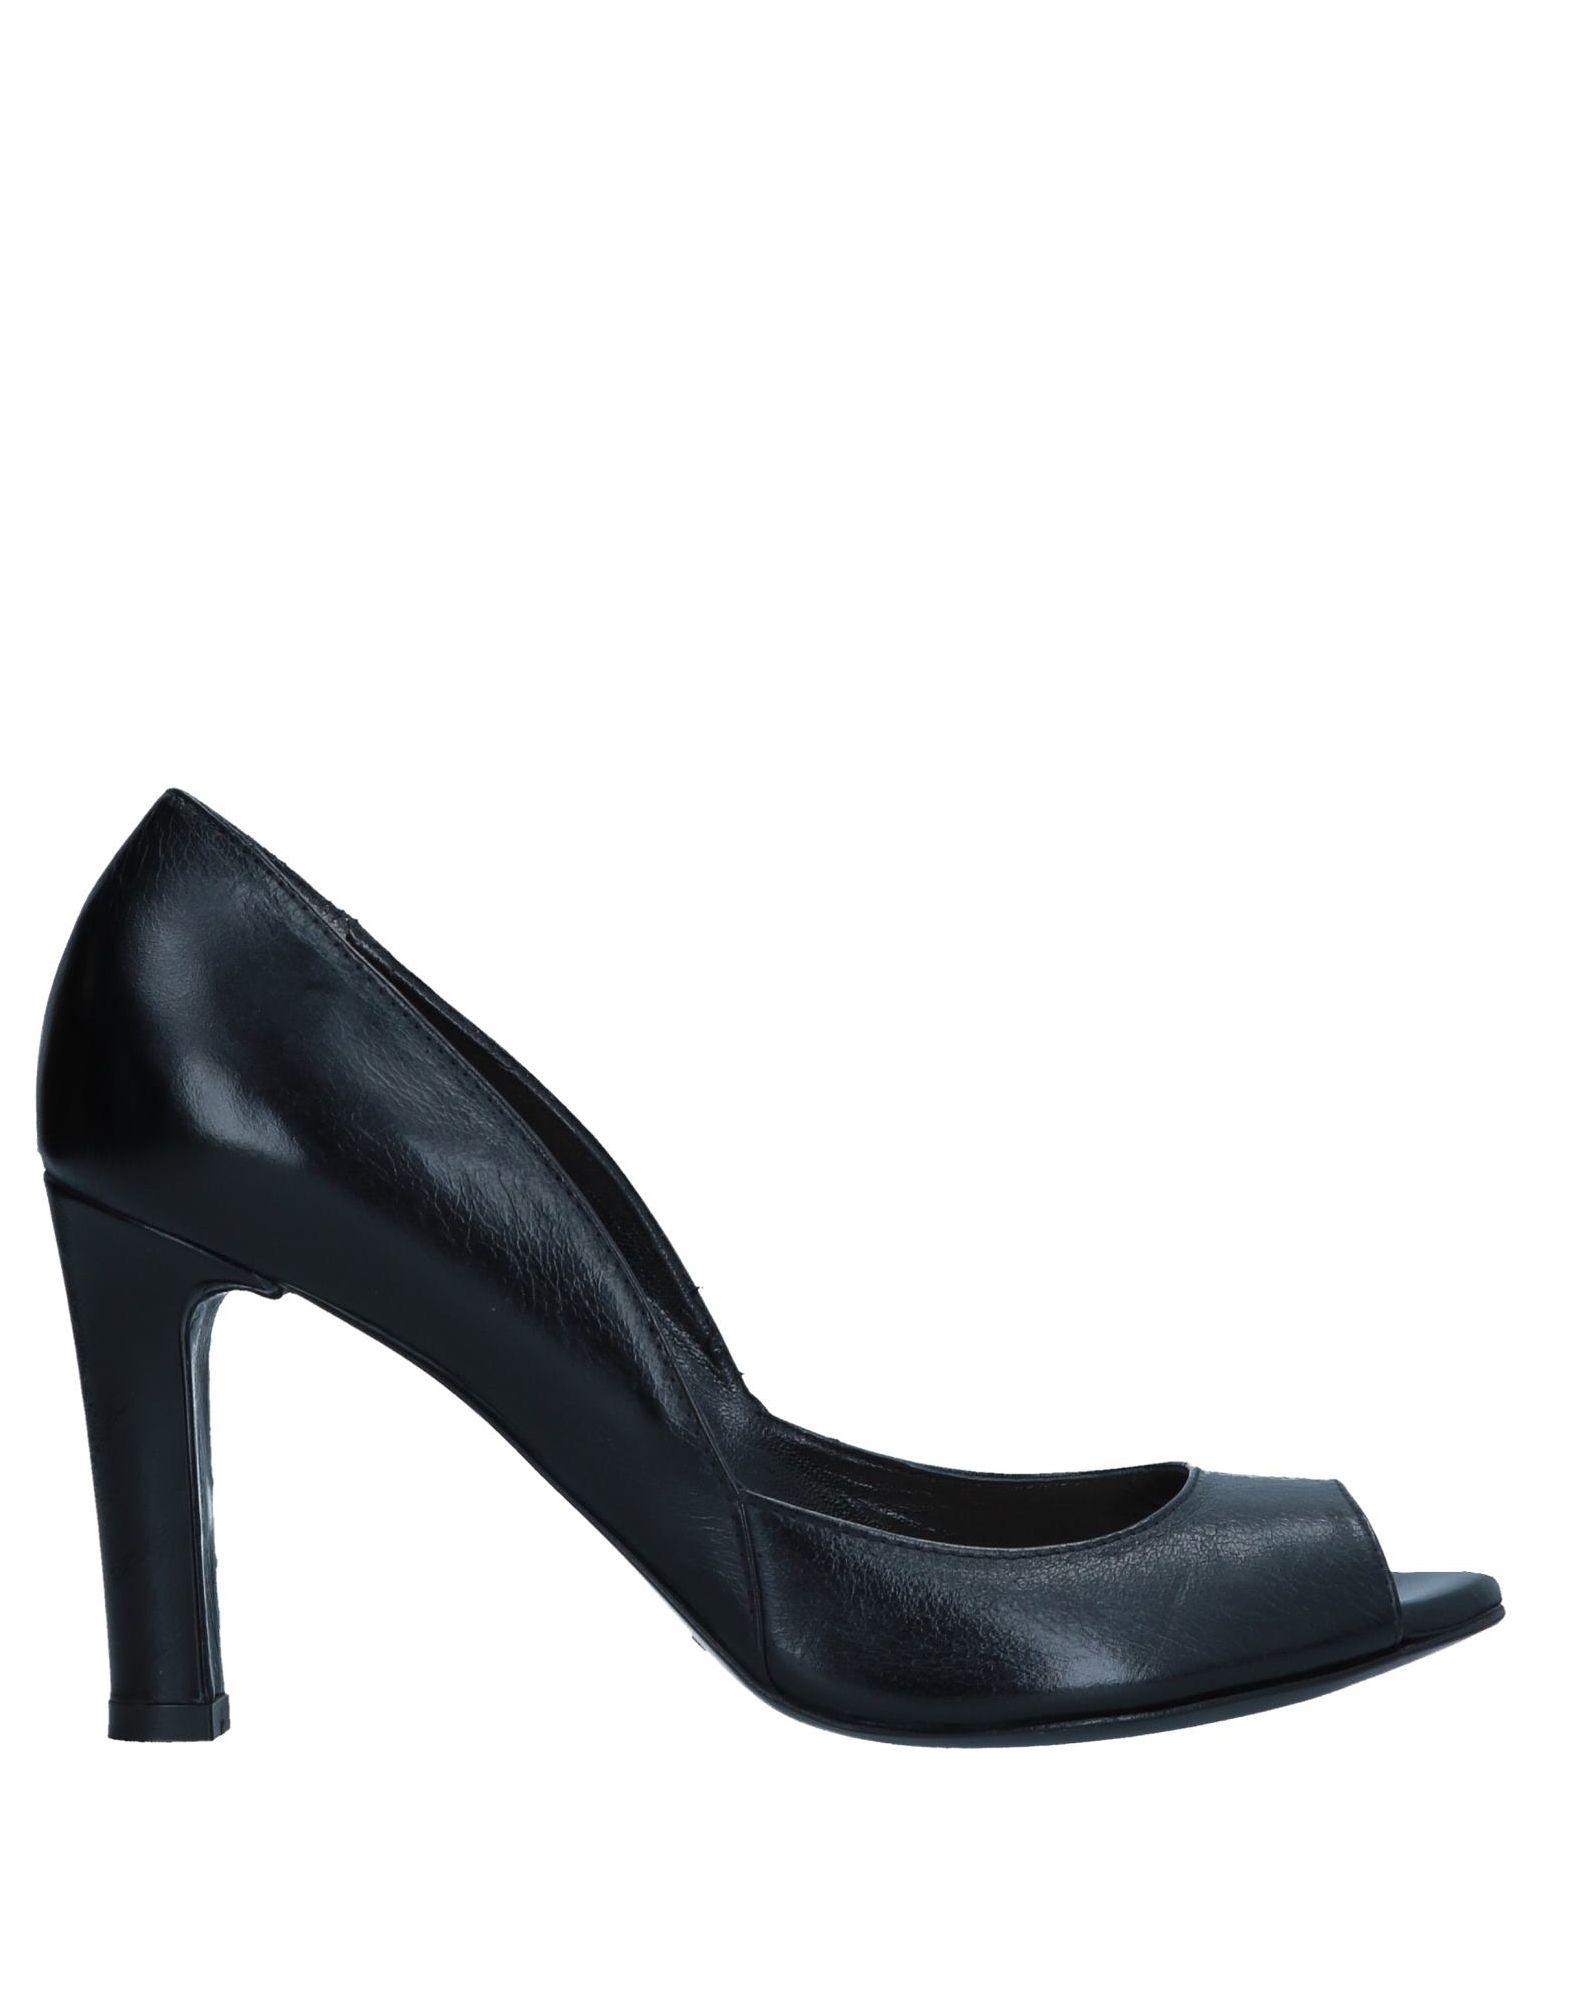 Emanuela Passeri Pumps Damen  11544183SS Gute Qualität beliebte Schuhe